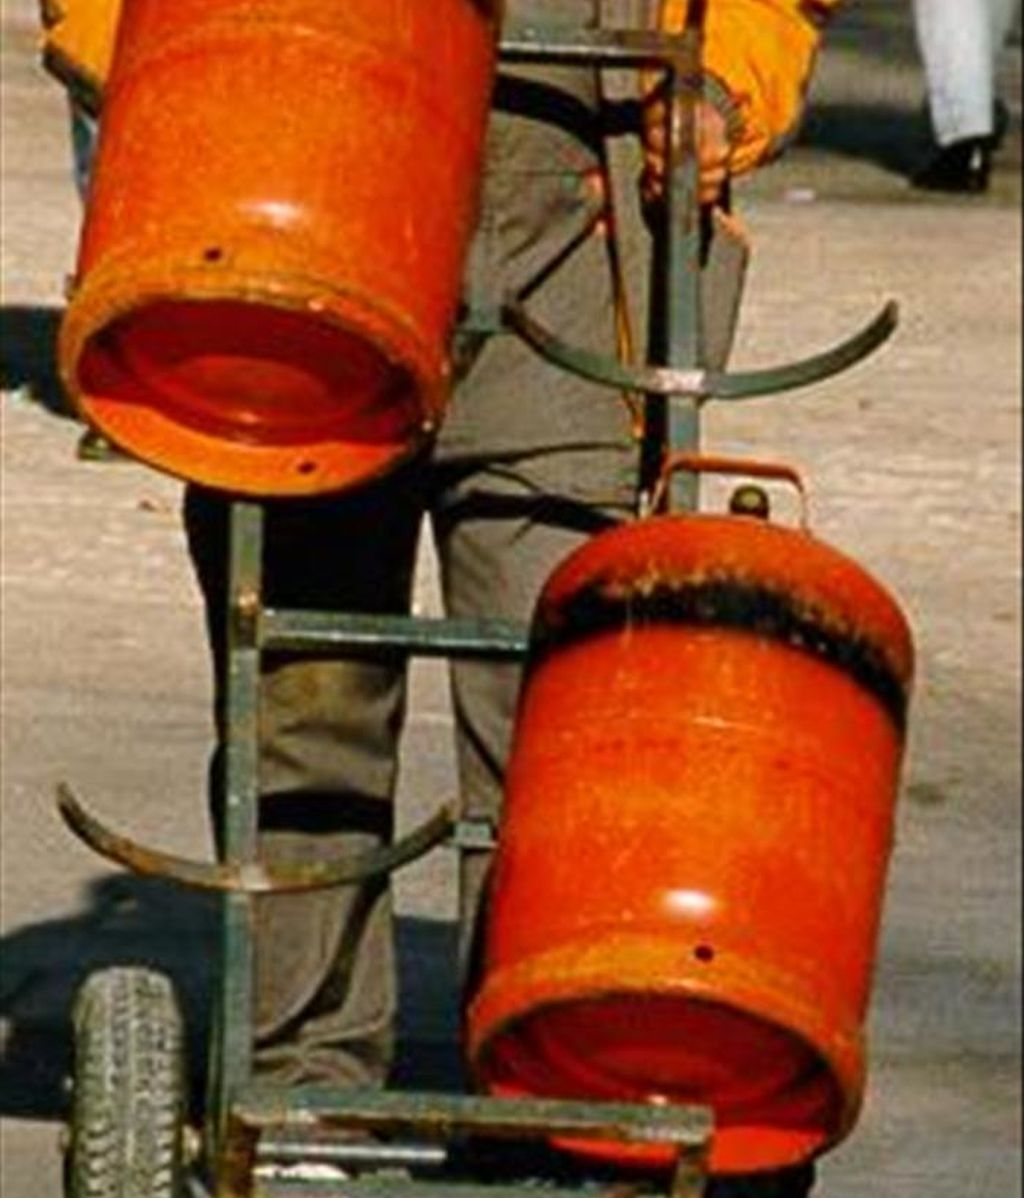 En la imagen, un repartidor de butano. EFE/Archivo